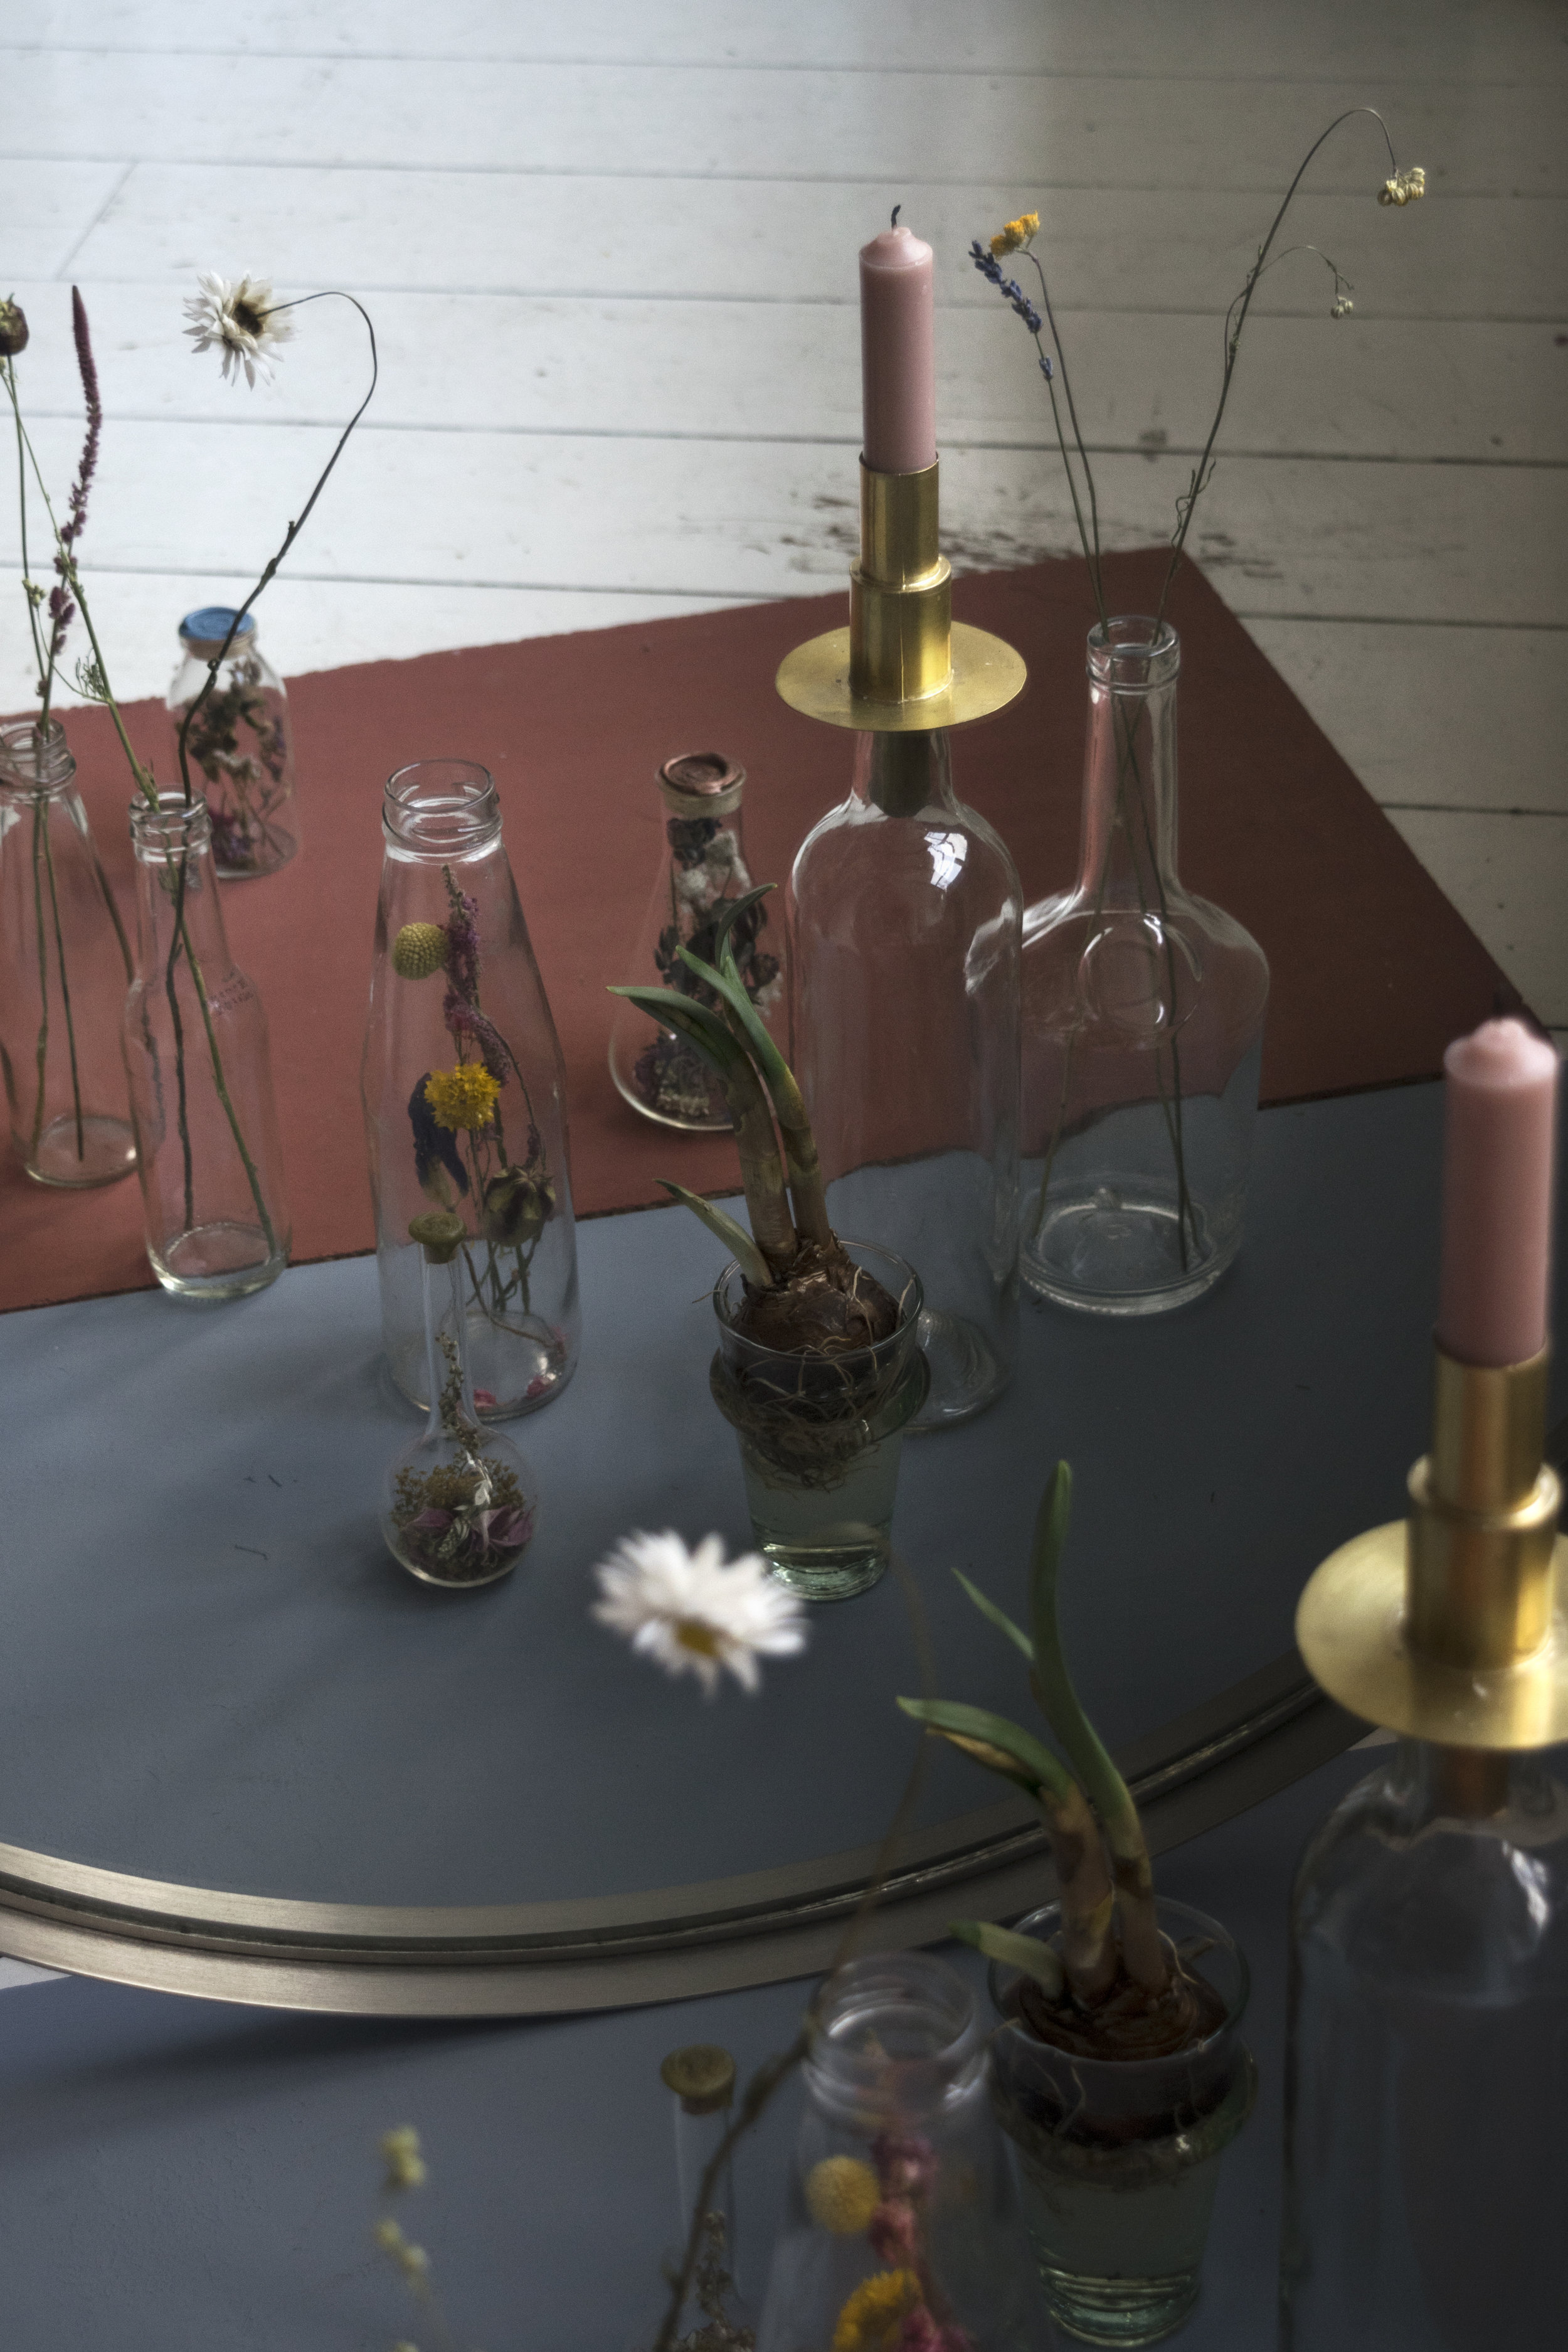 Spiegel (eigen bezit), glazen flesjes (afval Singel, Spuistraat Amsterdam), flesjes met droogbloemen en zegelstempel ( fieldofhope.nl ), kandelaar goud ( sissy-boy.nl ), kaars ( weldaad.nl ), lichtblauw glas ( www.kieveen.nl ) droogbloemen ( kooslamboo.com )